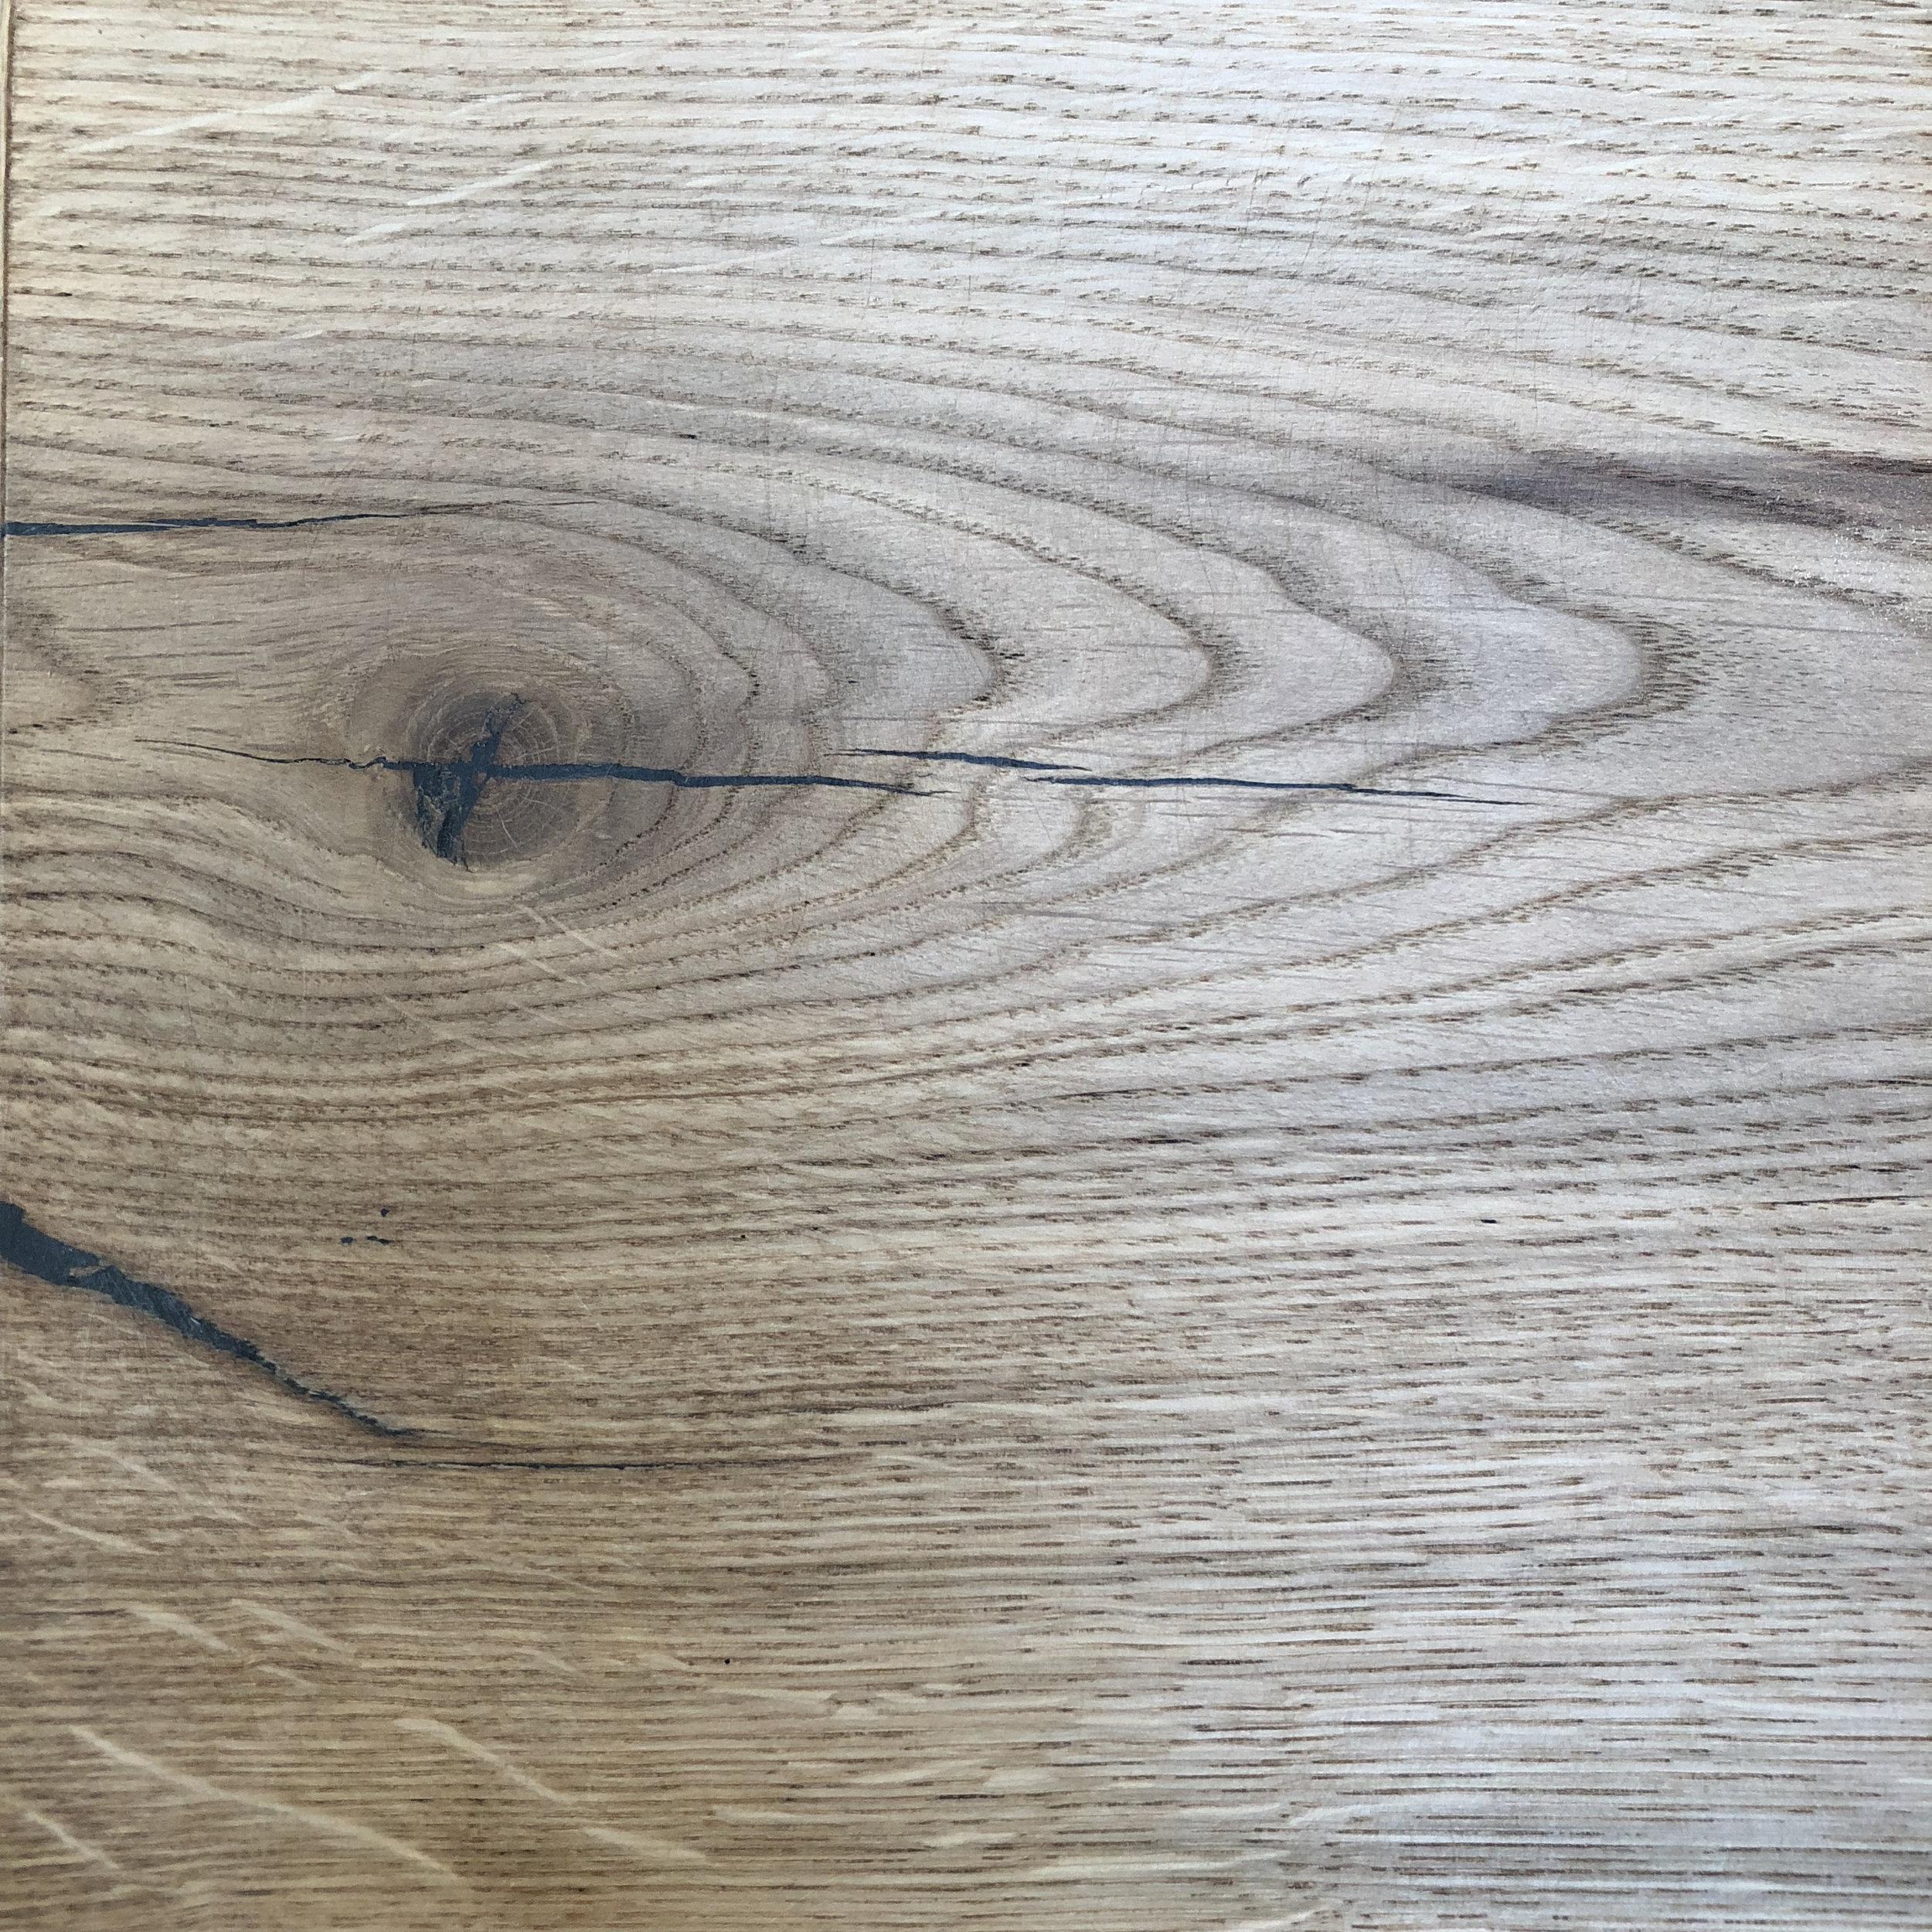 """Eichenholz - Die Eiche zählt zu den Harthölzern. Ihr langsames aber stetiges Wachstum verleiht dem Holz seine Dichte und Härte. Die Auswahl des Holzes erfolgt auch hier auf entgegengesetztem Weg zur herkömmlichen Holzindustrie. Wir bauen darauf, dass wir dem Holz durch die Aufbereitung von """"Macken"""" eine Persönlichkeit verleihen, die bei standardisiertem Holz nicht zu finden ist. Eiche ist farblich von gelb- bis honigbraun einzuordnen und zeichnet sich durch besondere Maserungen und sogenannte """"Spiegel""""aus, welche im Bild besonders links unten als weiße Striche zu sehen sind."""